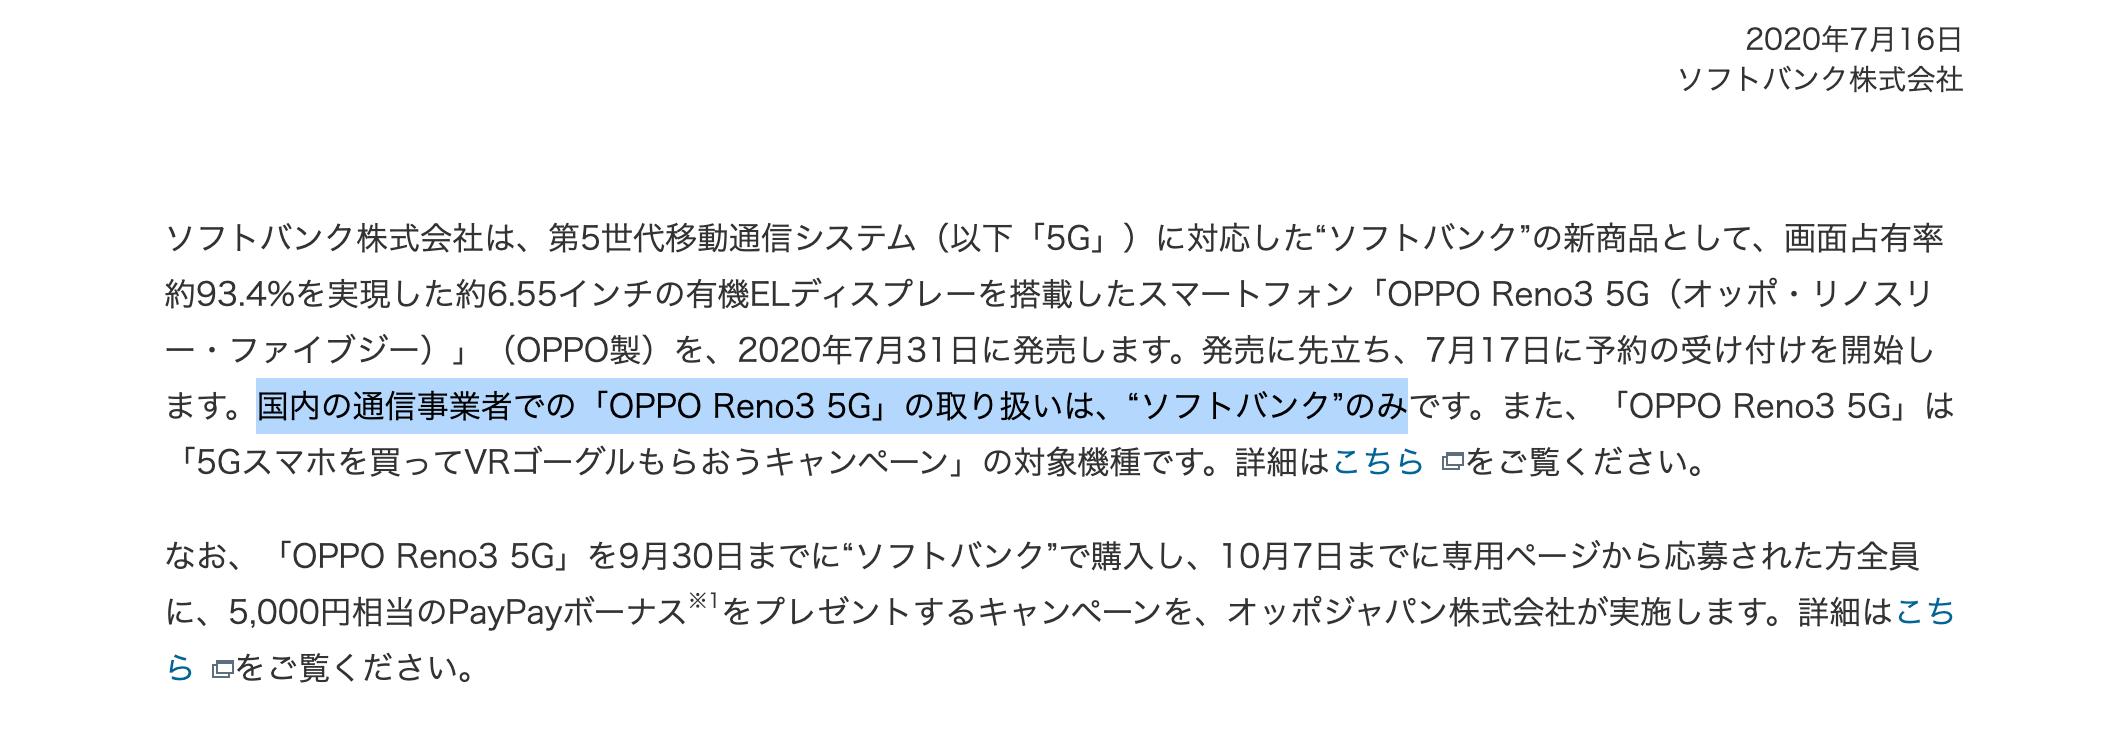 f:id:Azusa_Hirano:20200716123516p:plain